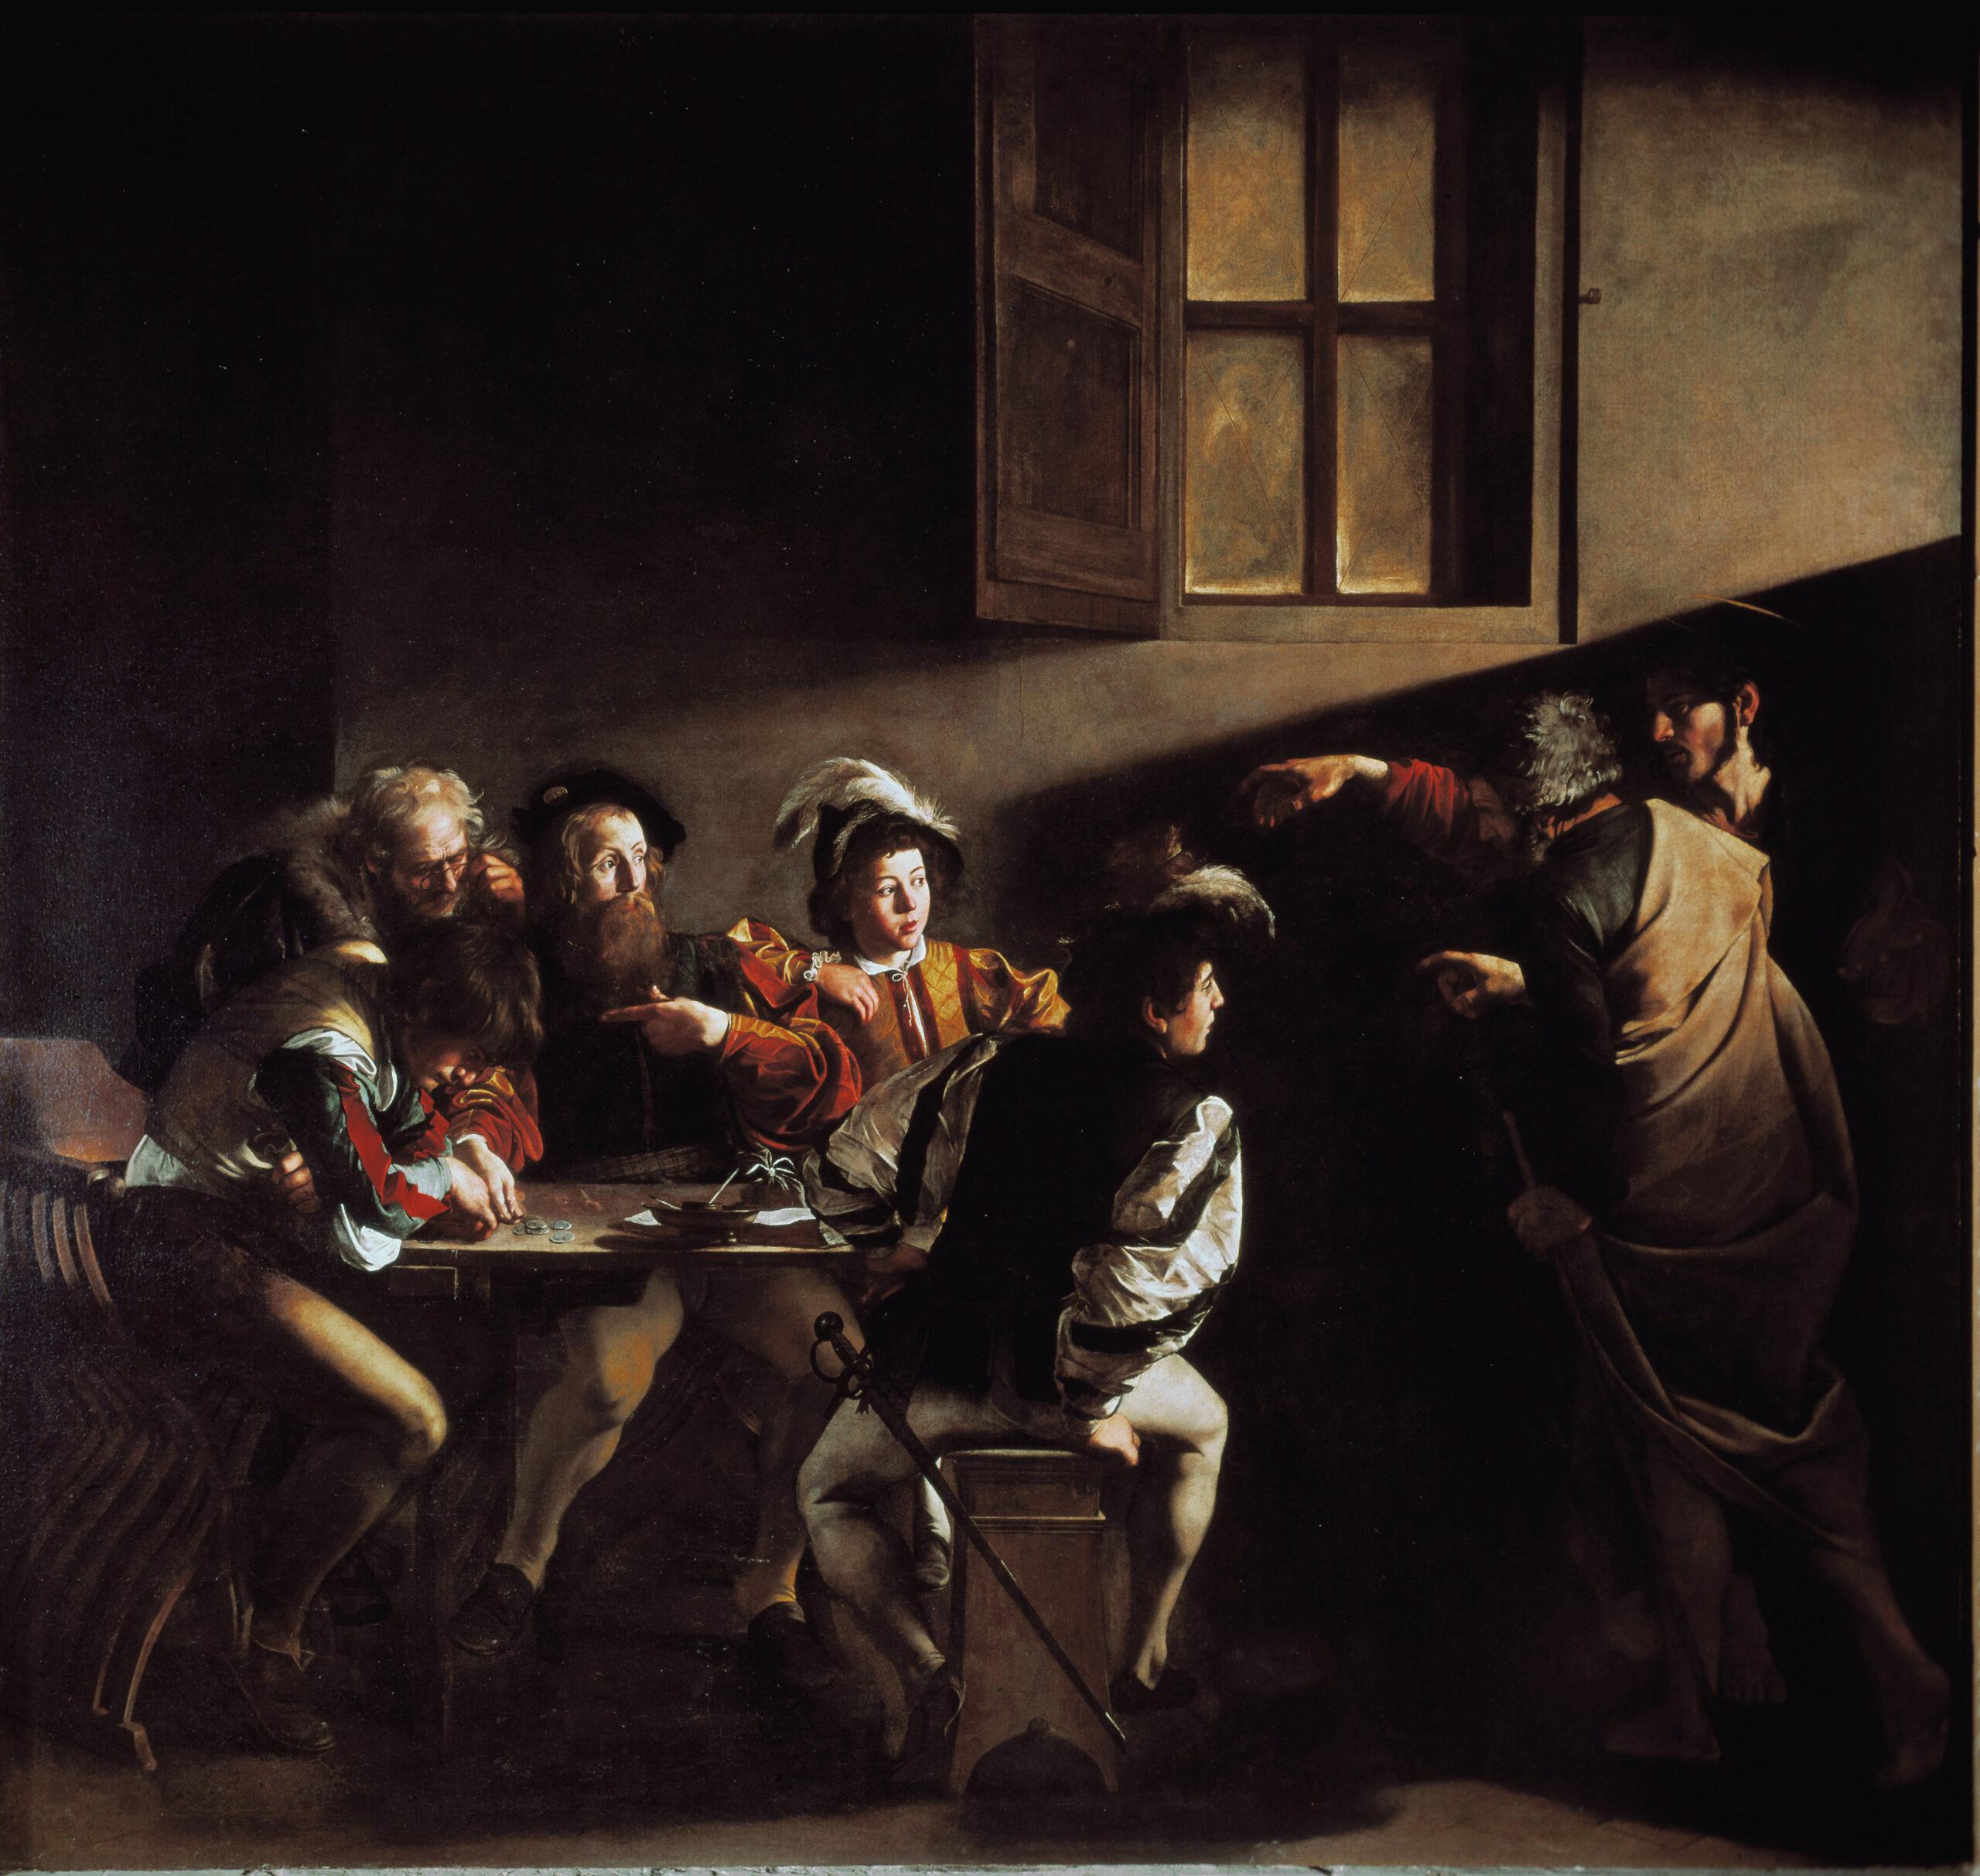 Šv. Mato pašaukimas (1599–1600), Caravaggio (1571–1610), Prancūzų Šv. Liudviko bažnyčia, Contarelli koplyčia, Roma, Italija. Luisa Ricciarini Leemage nuotrauka